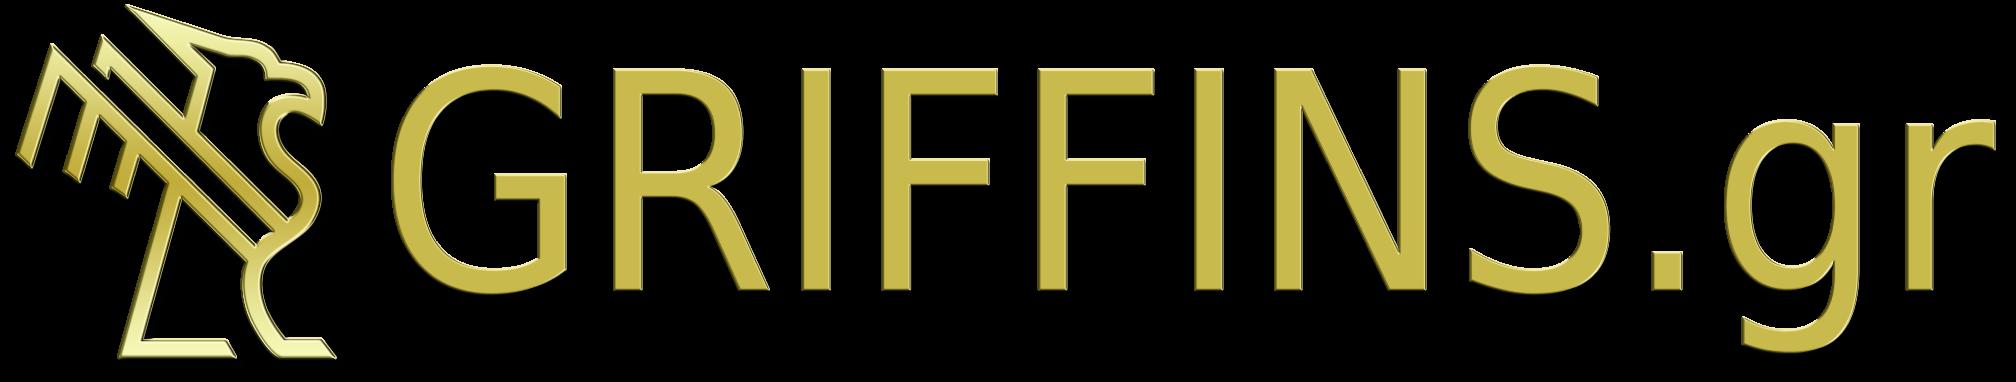 Griffins.gr